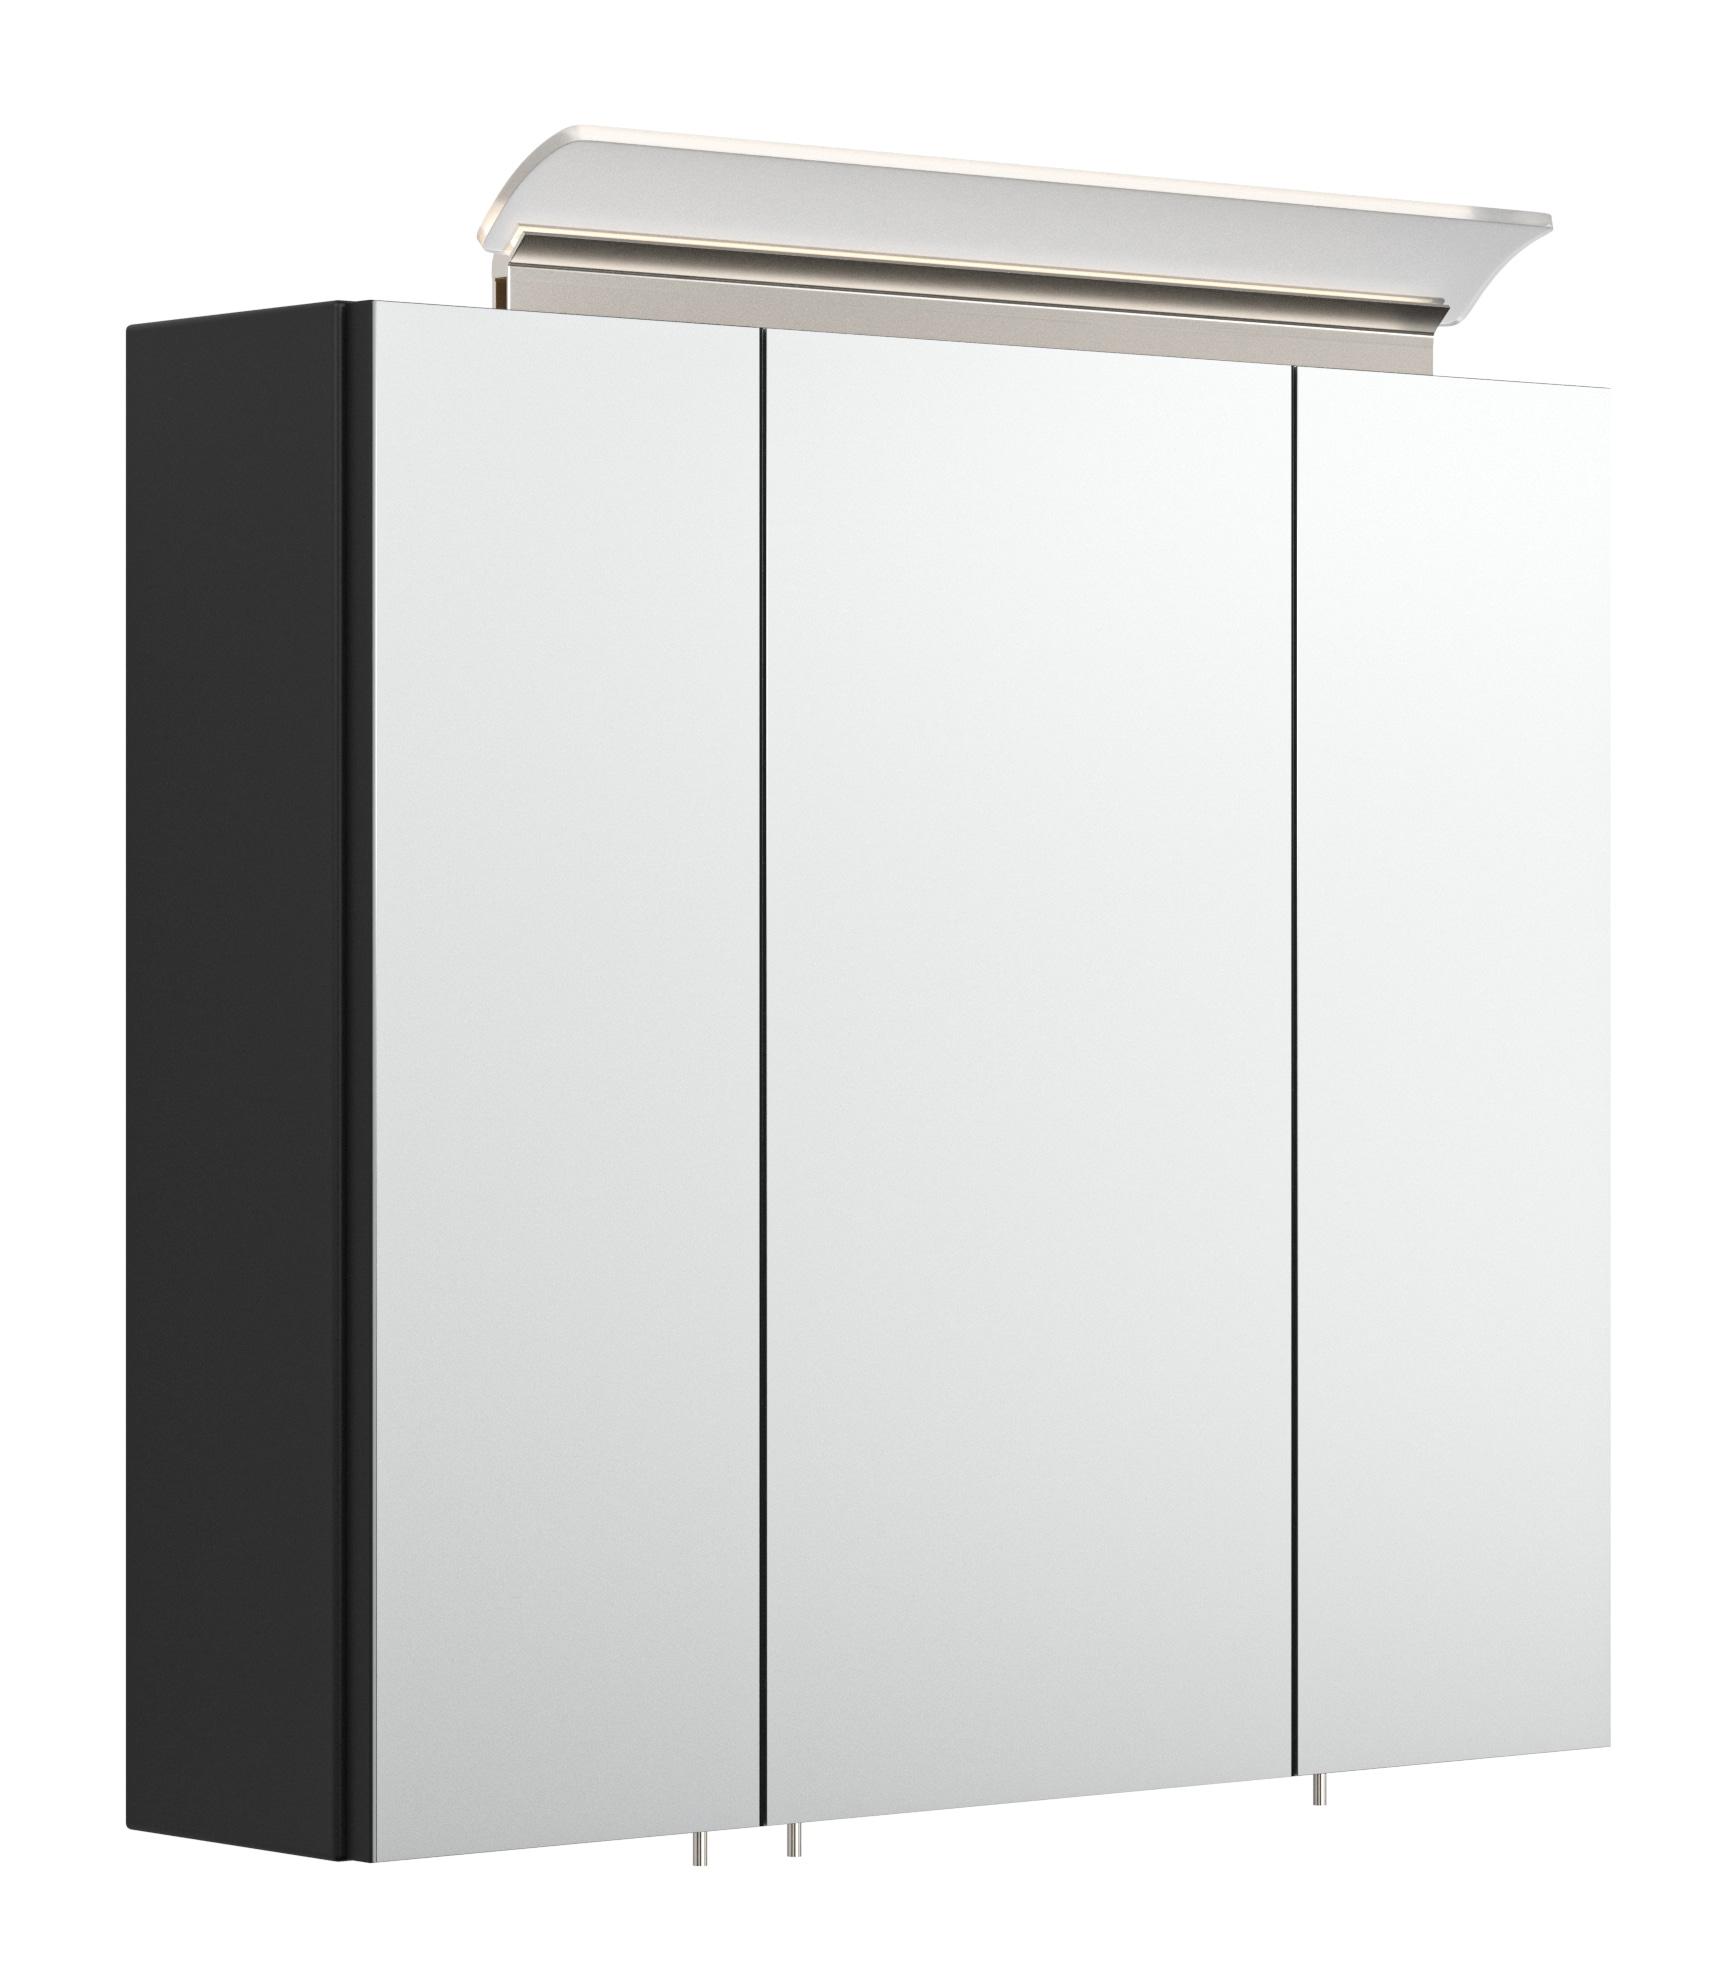 Saniclear Rocky 70cm spiegelkast met design LED verlichting glans zwart